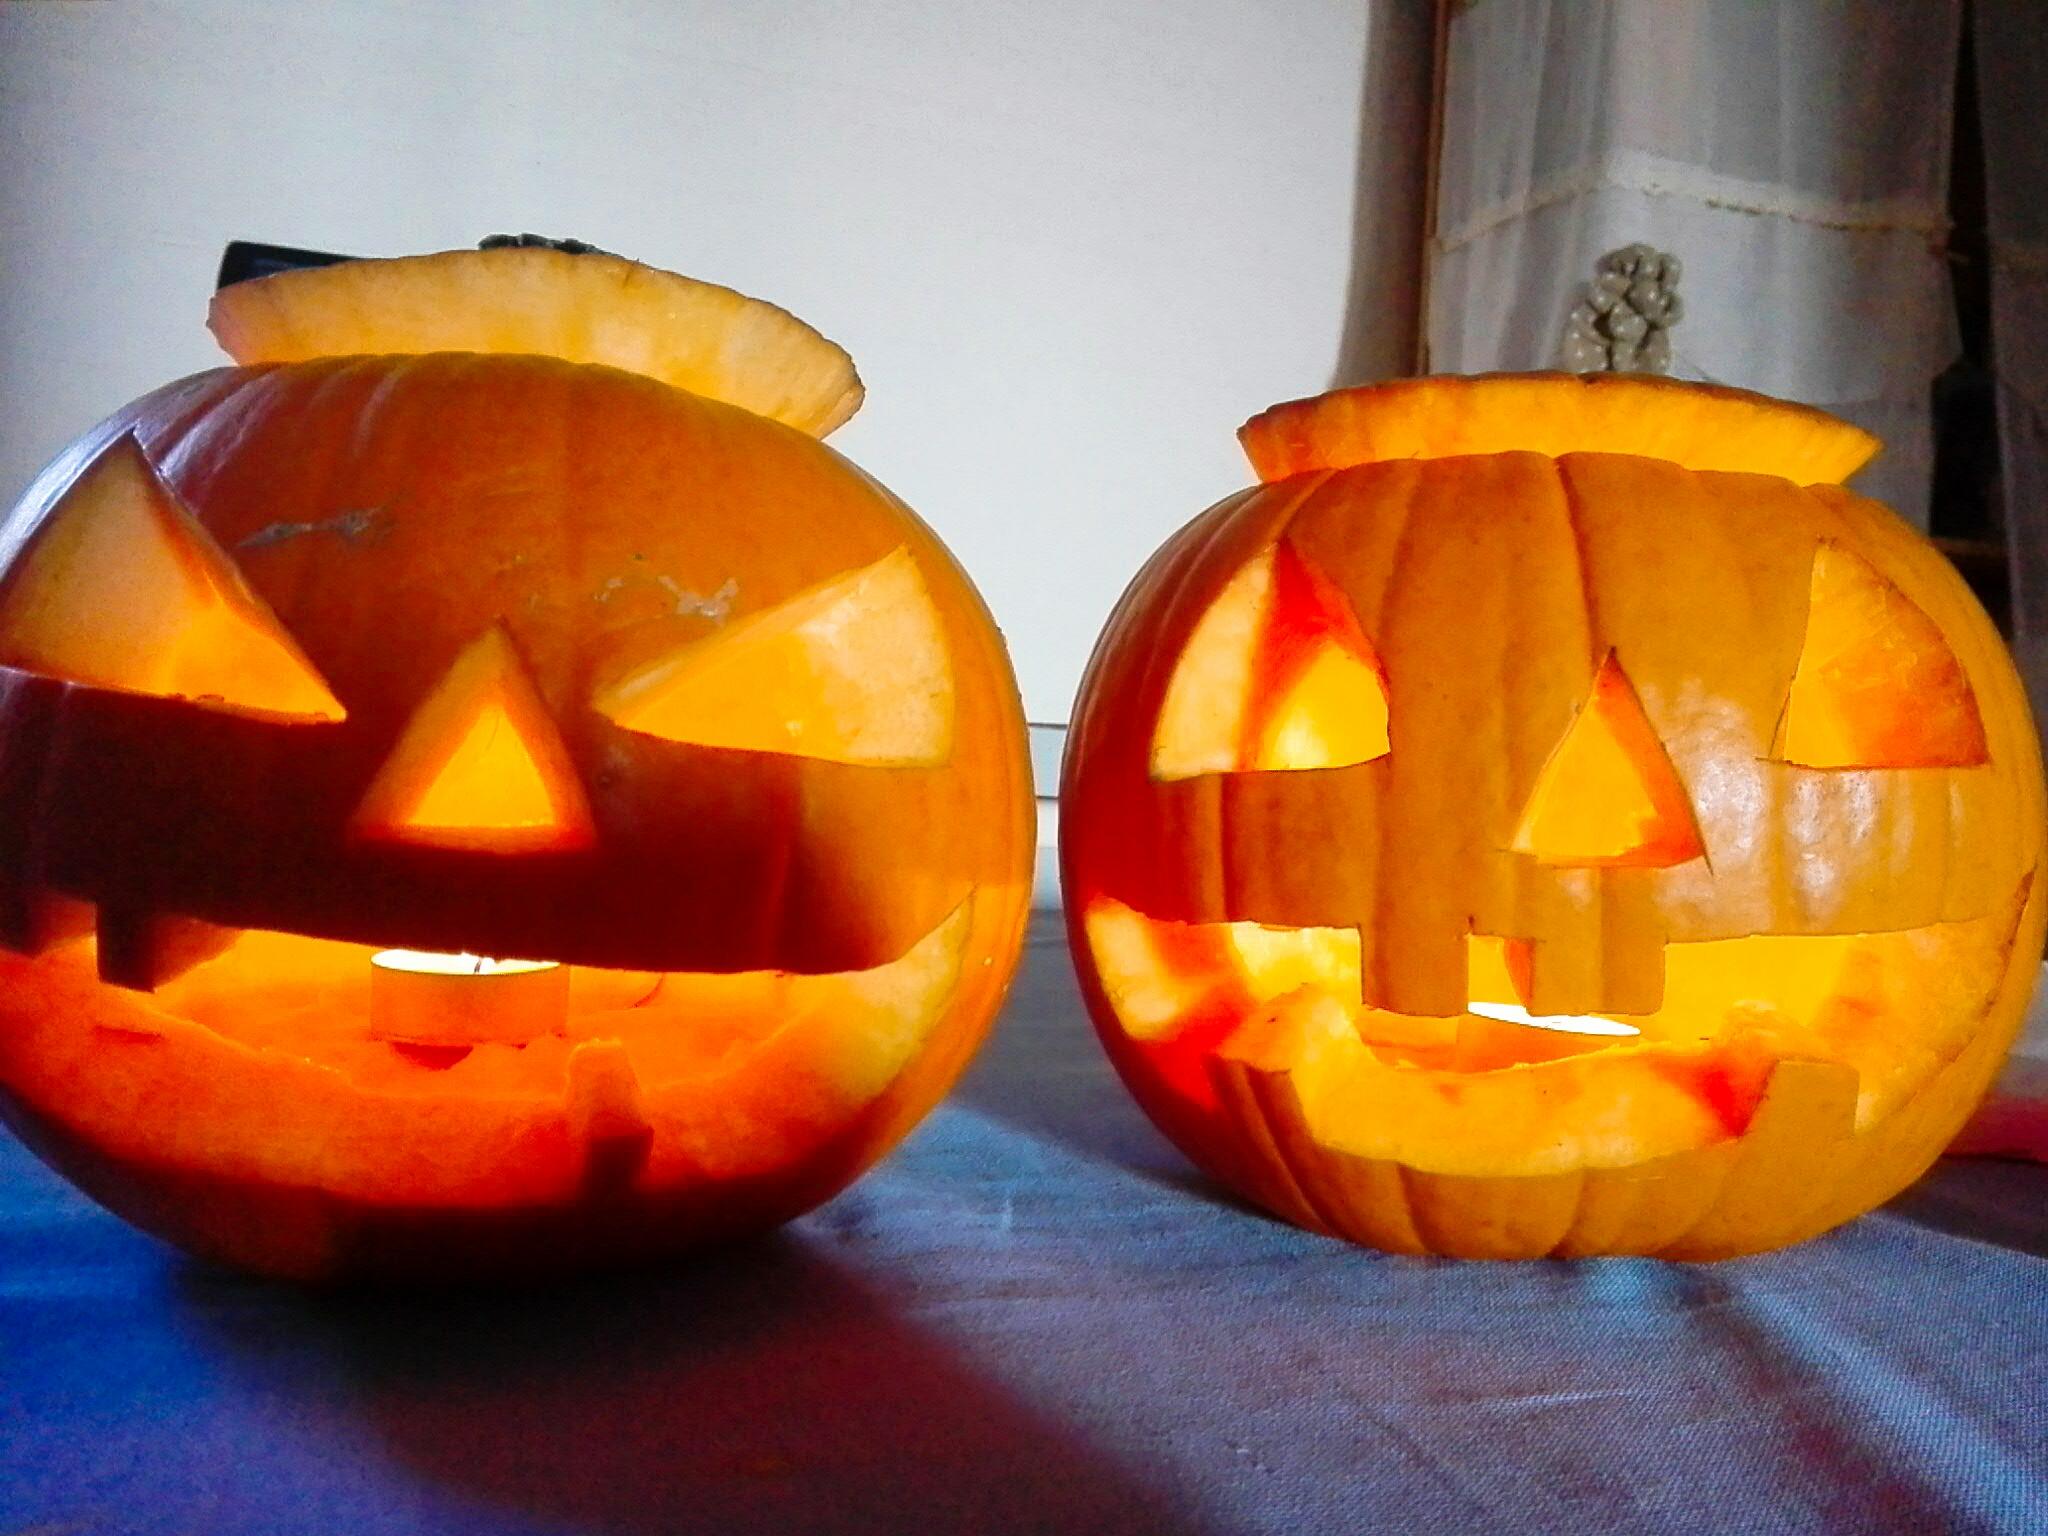 Immagini Zucca Di Halloween.Come Fare La Zucca Di Halloween Cucinare Che Passione